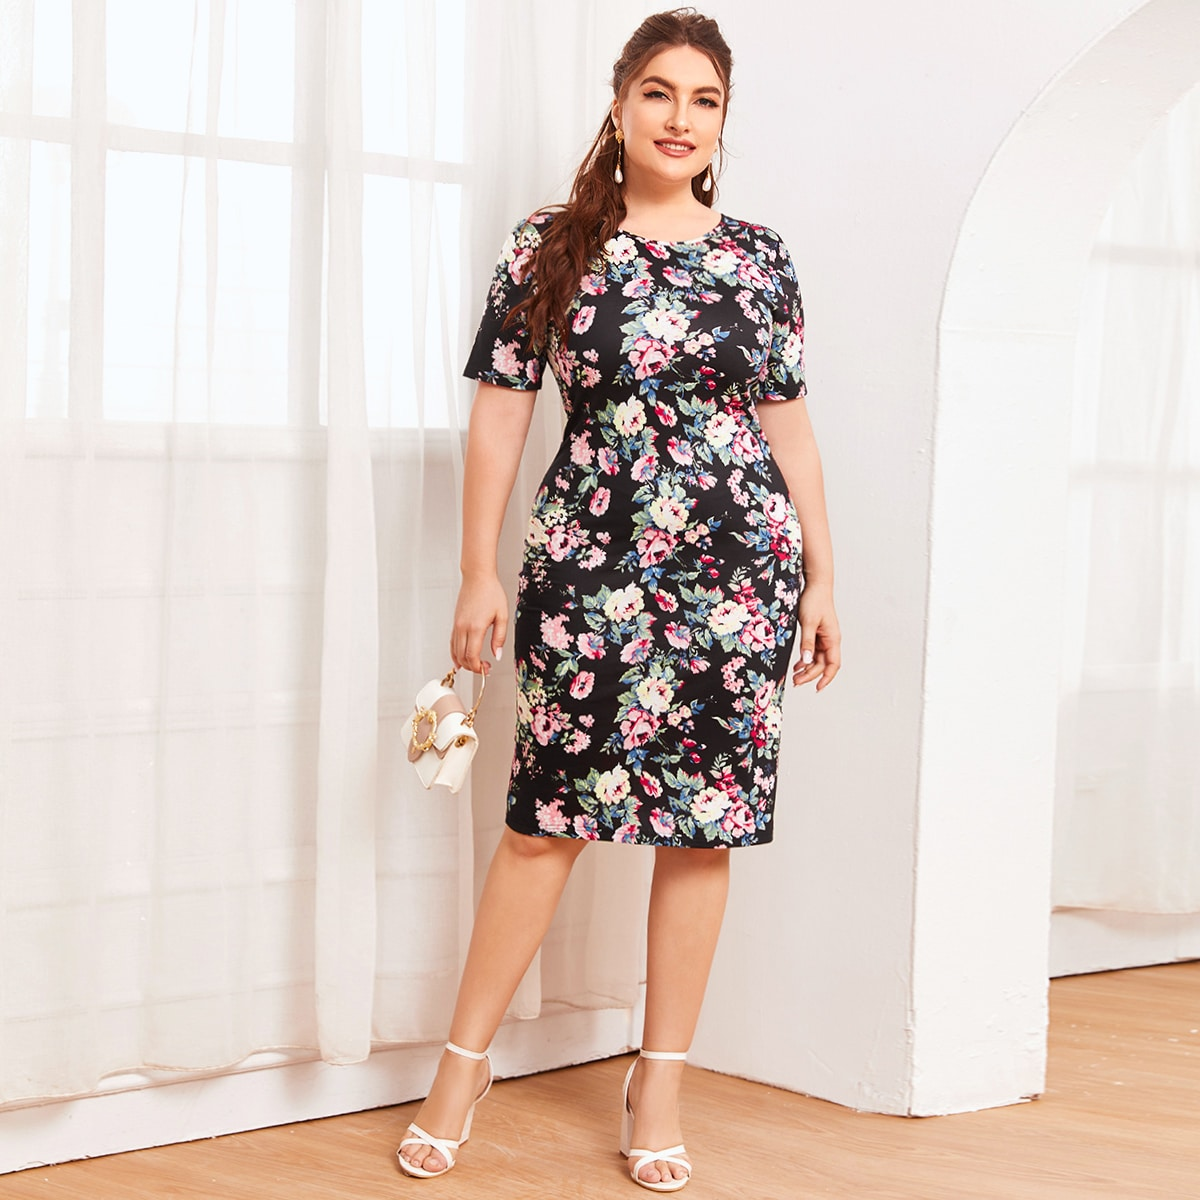 Платье размера плюс с цветочным принтом фото